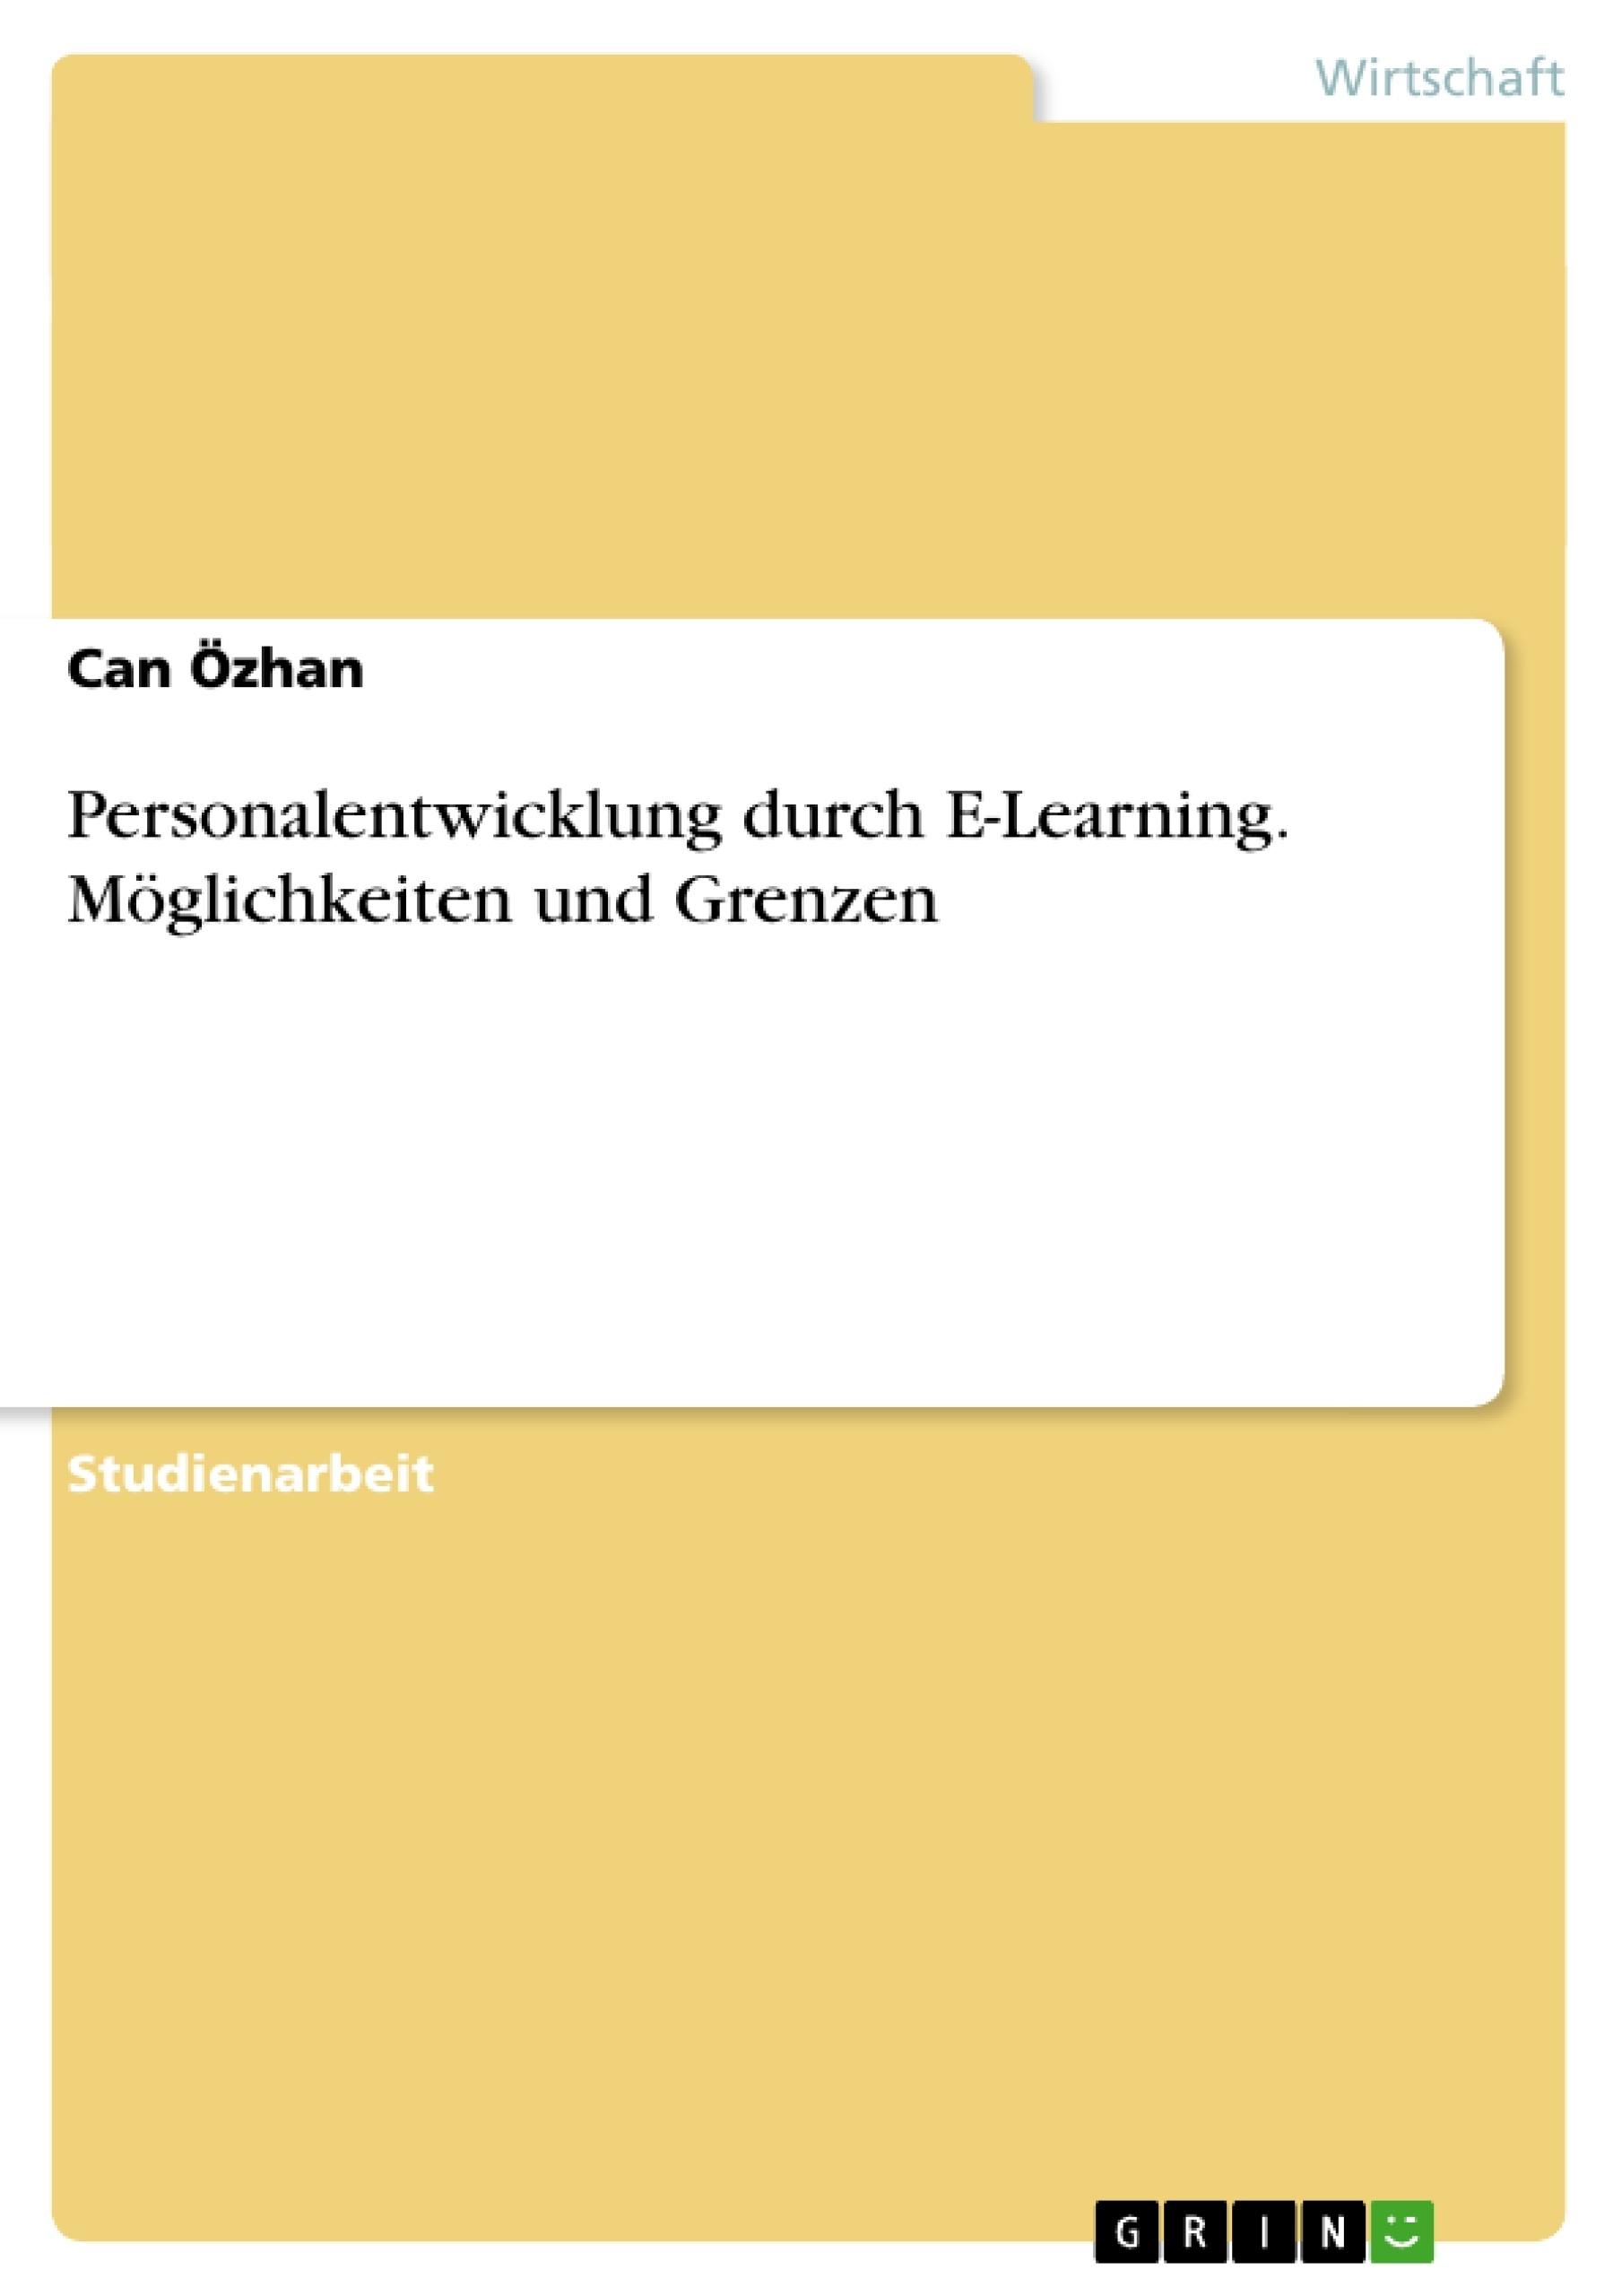 Titel: Personalentwicklung durch E-Learning. Möglichkeiten und Grenzen